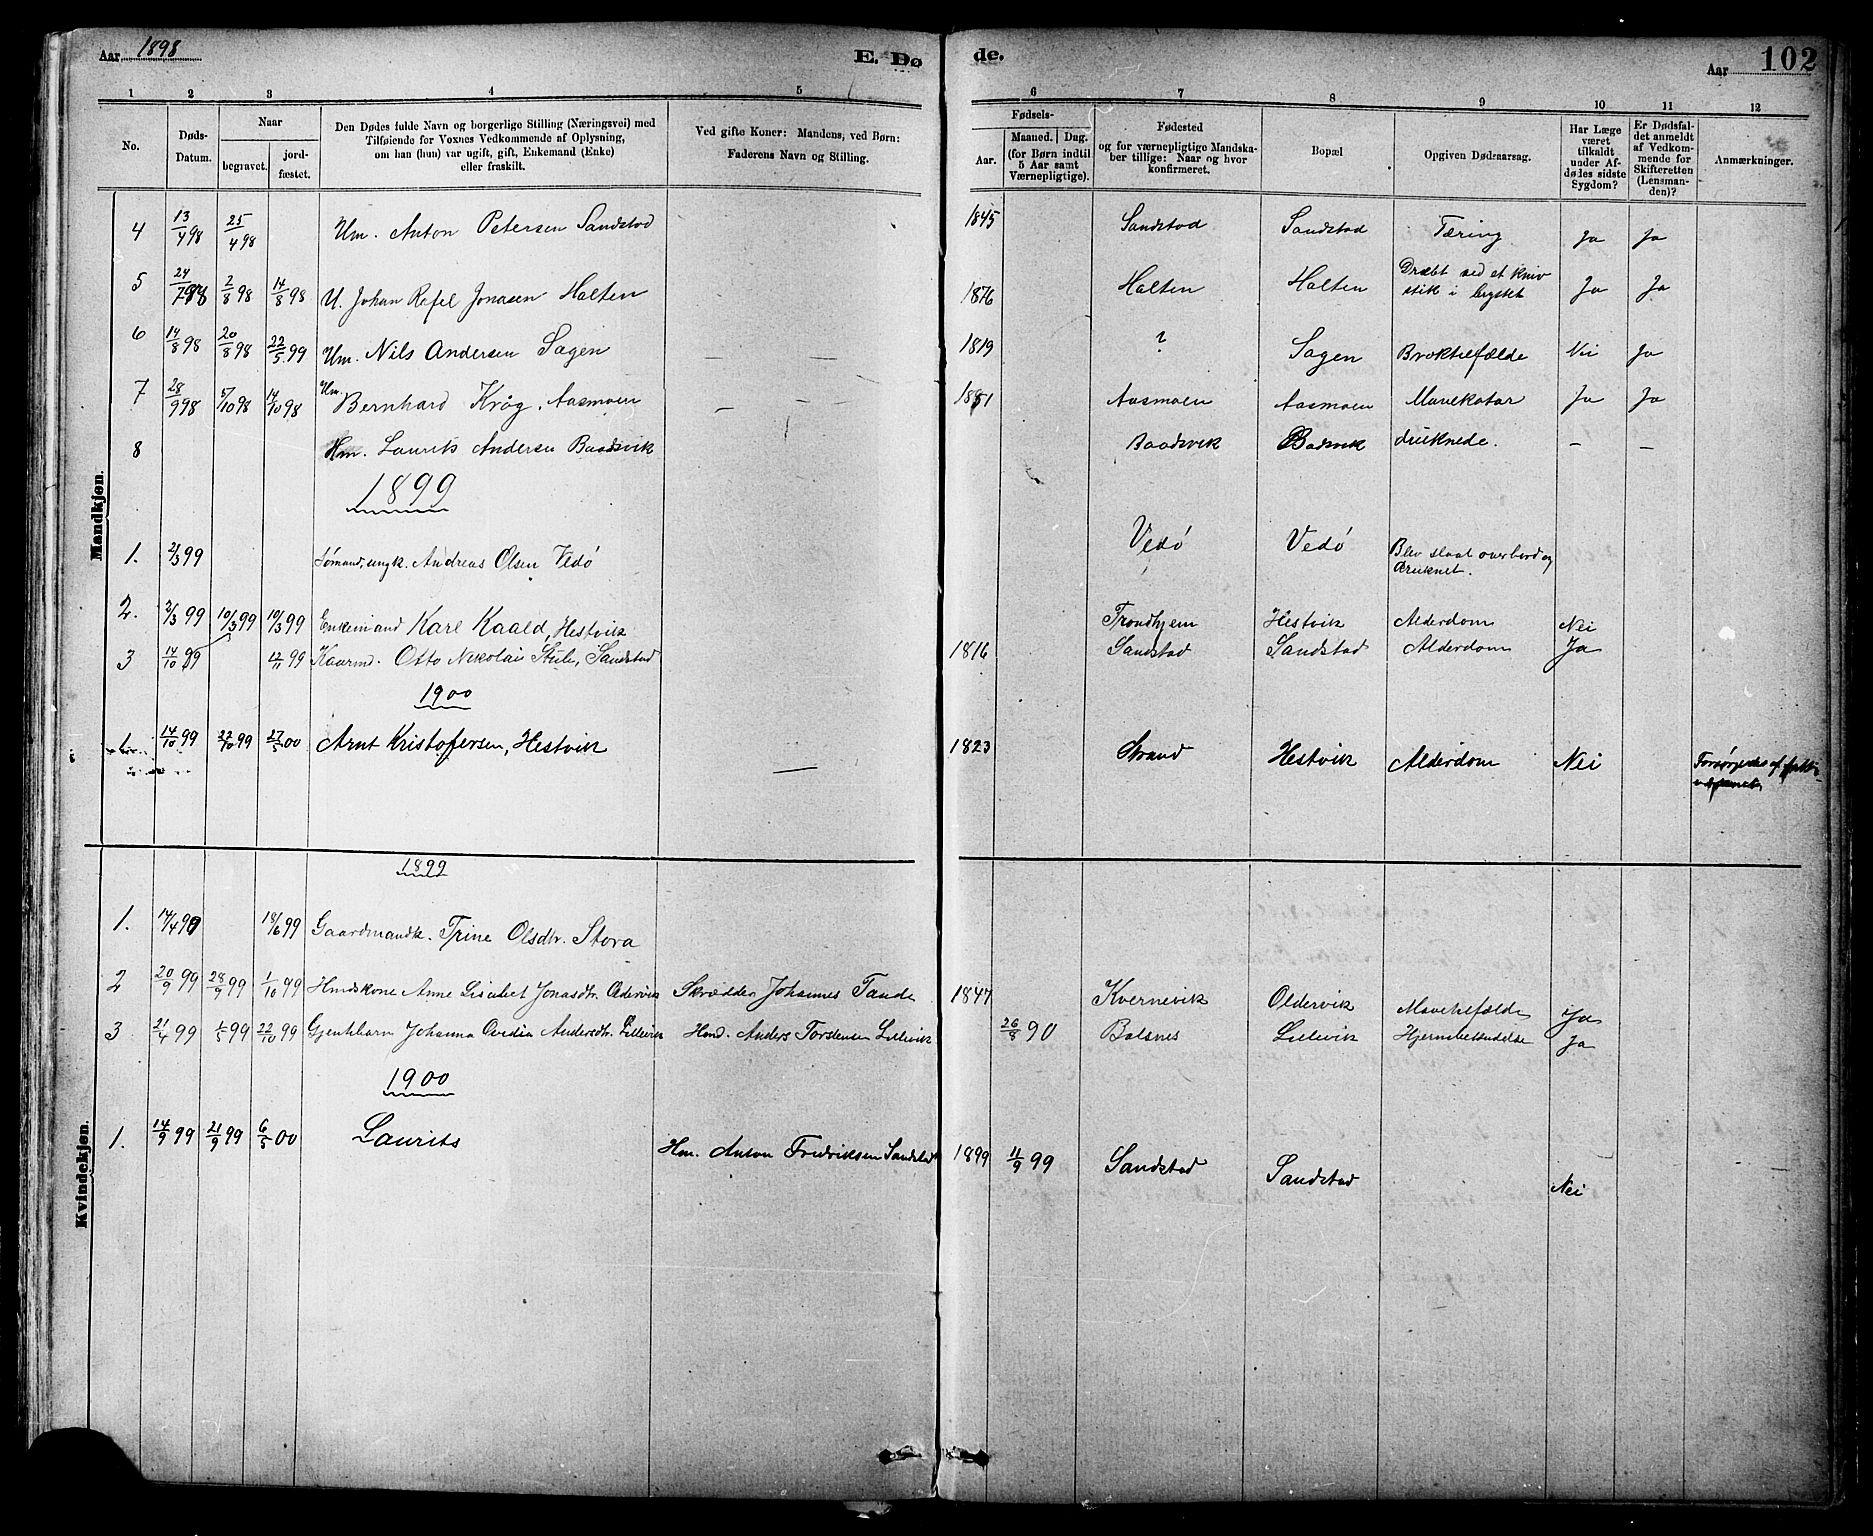 SAT, Ministerialprotokoller, klokkerbøker og fødselsregistre - Sør-Trøndelag, 639/L0573: Klokkerbok nr. 639C01, 1890-1905, s. 102